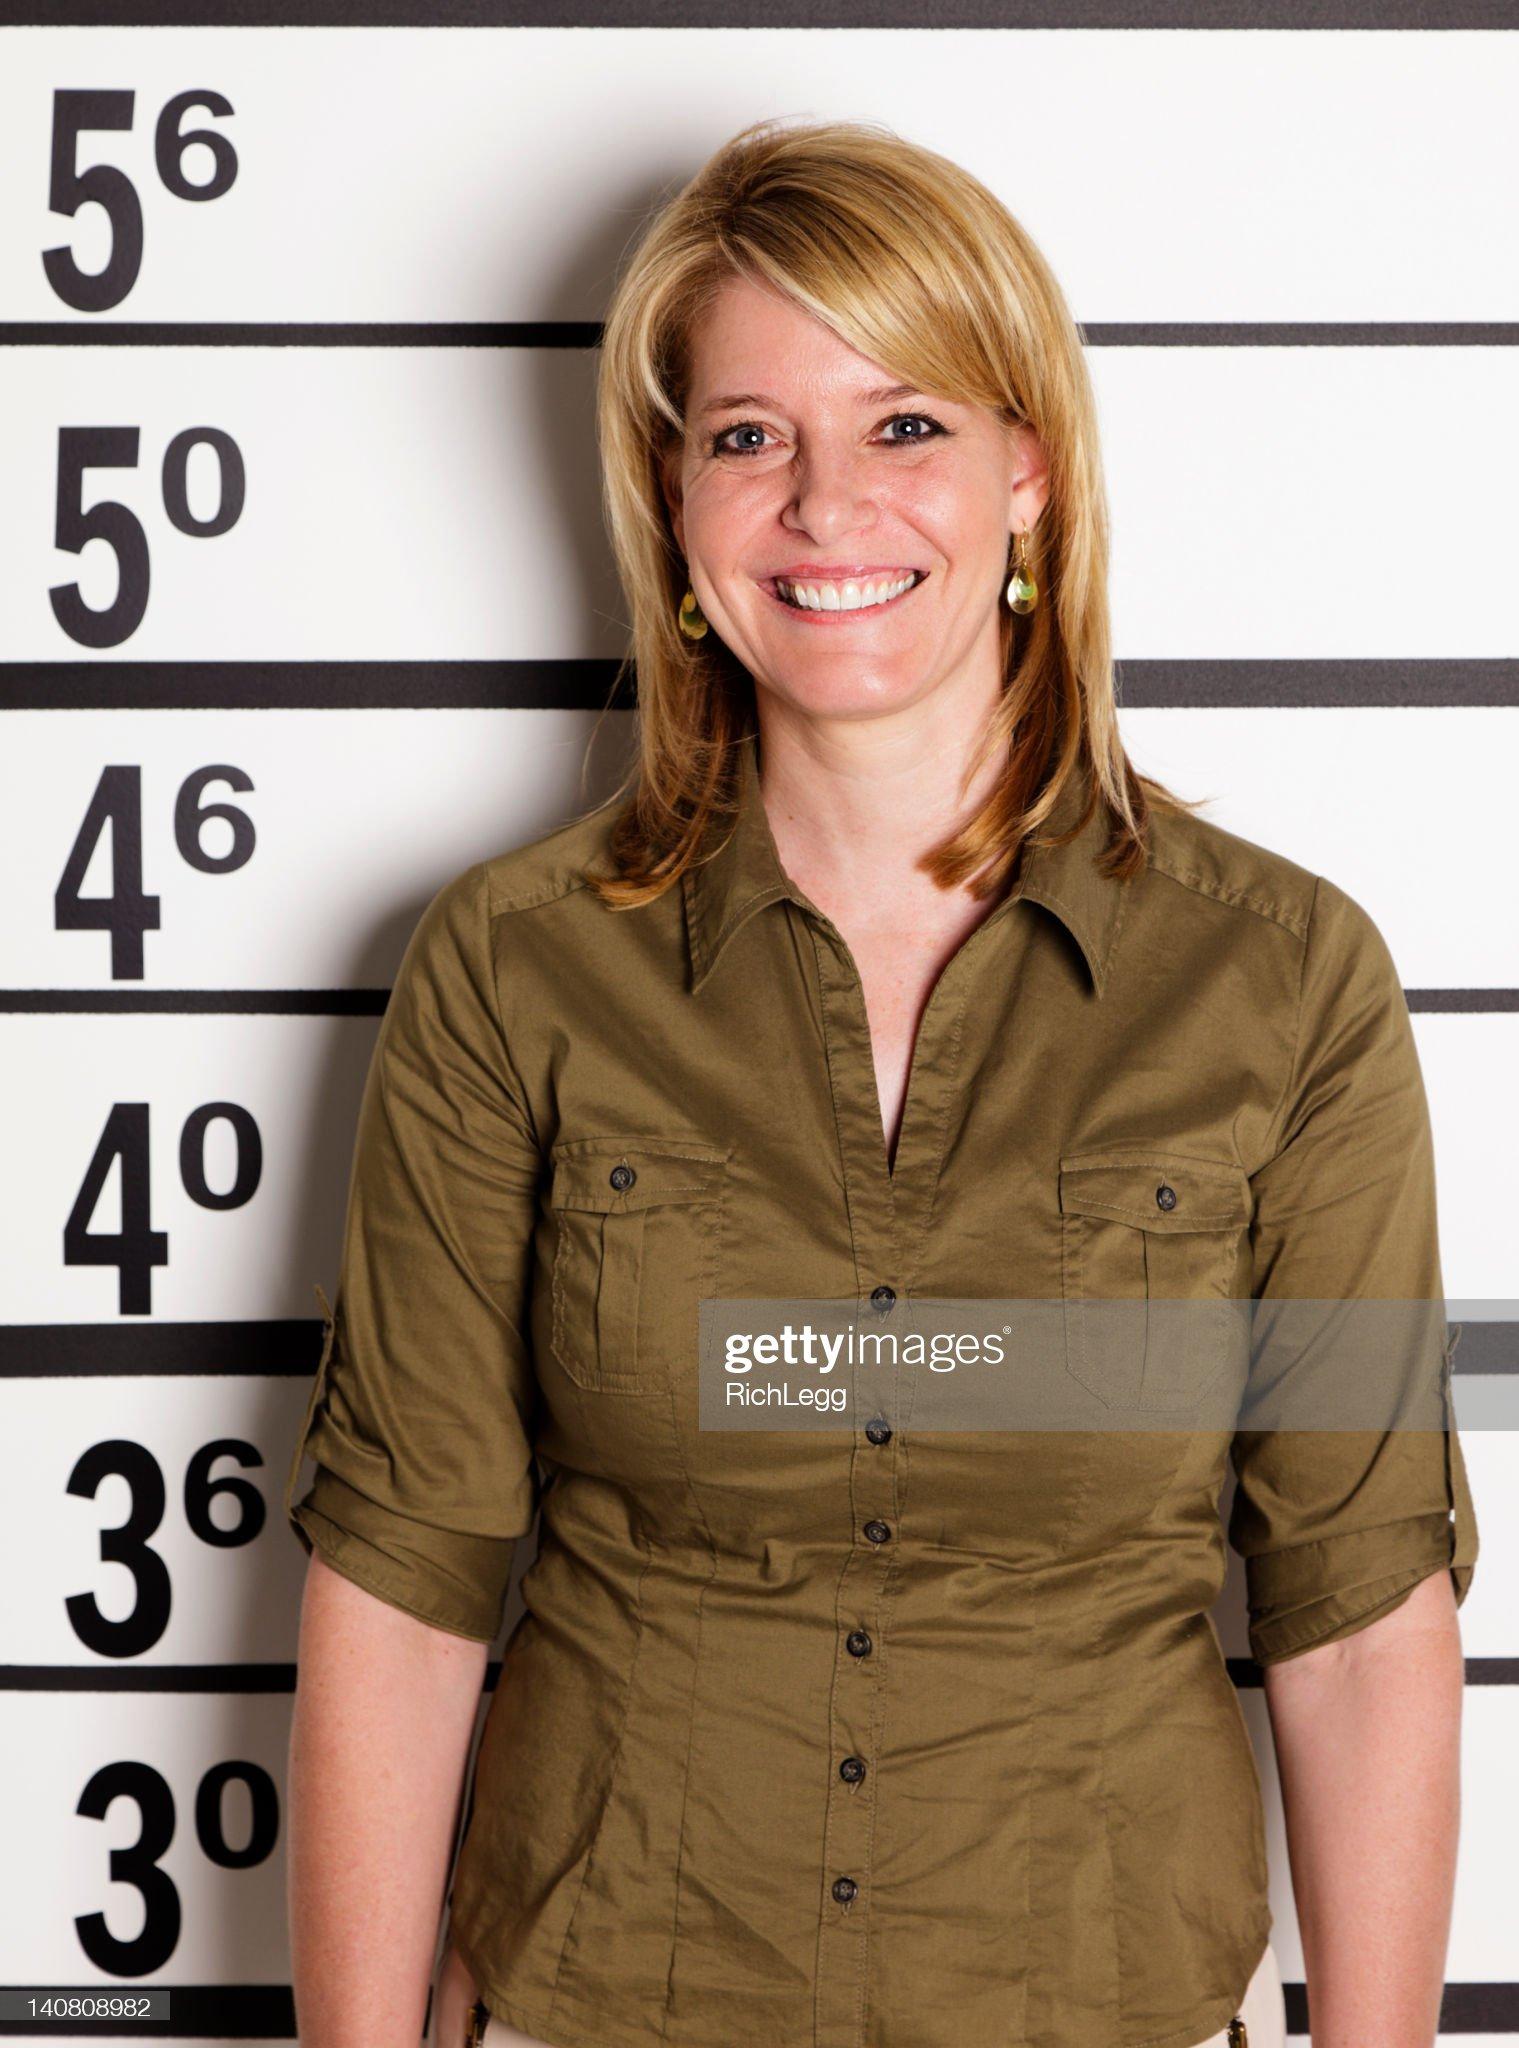 Gente midiéndose en vídeo y foto - Página 2 Mugshot-of-a-woman-picture-id140808982?s=2048x2048